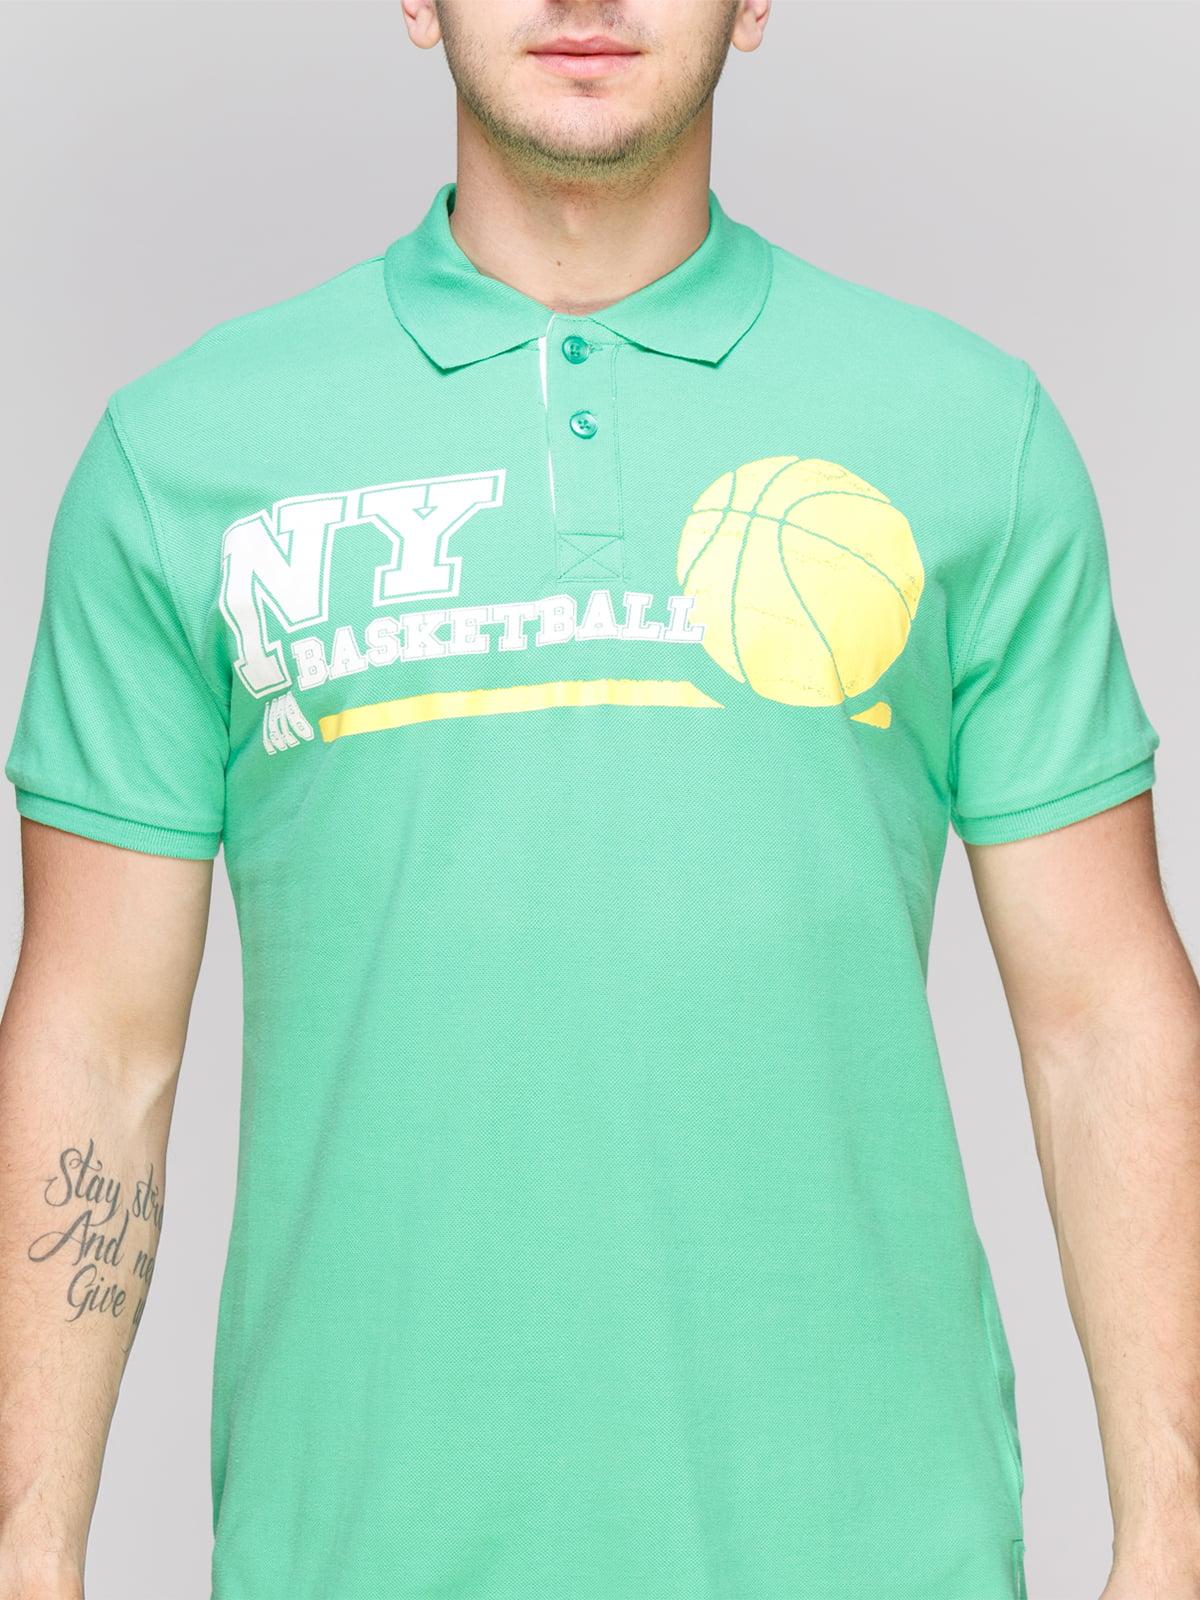 Футболка-поло светло-зеленая с принтом | 4854945 | фото 3